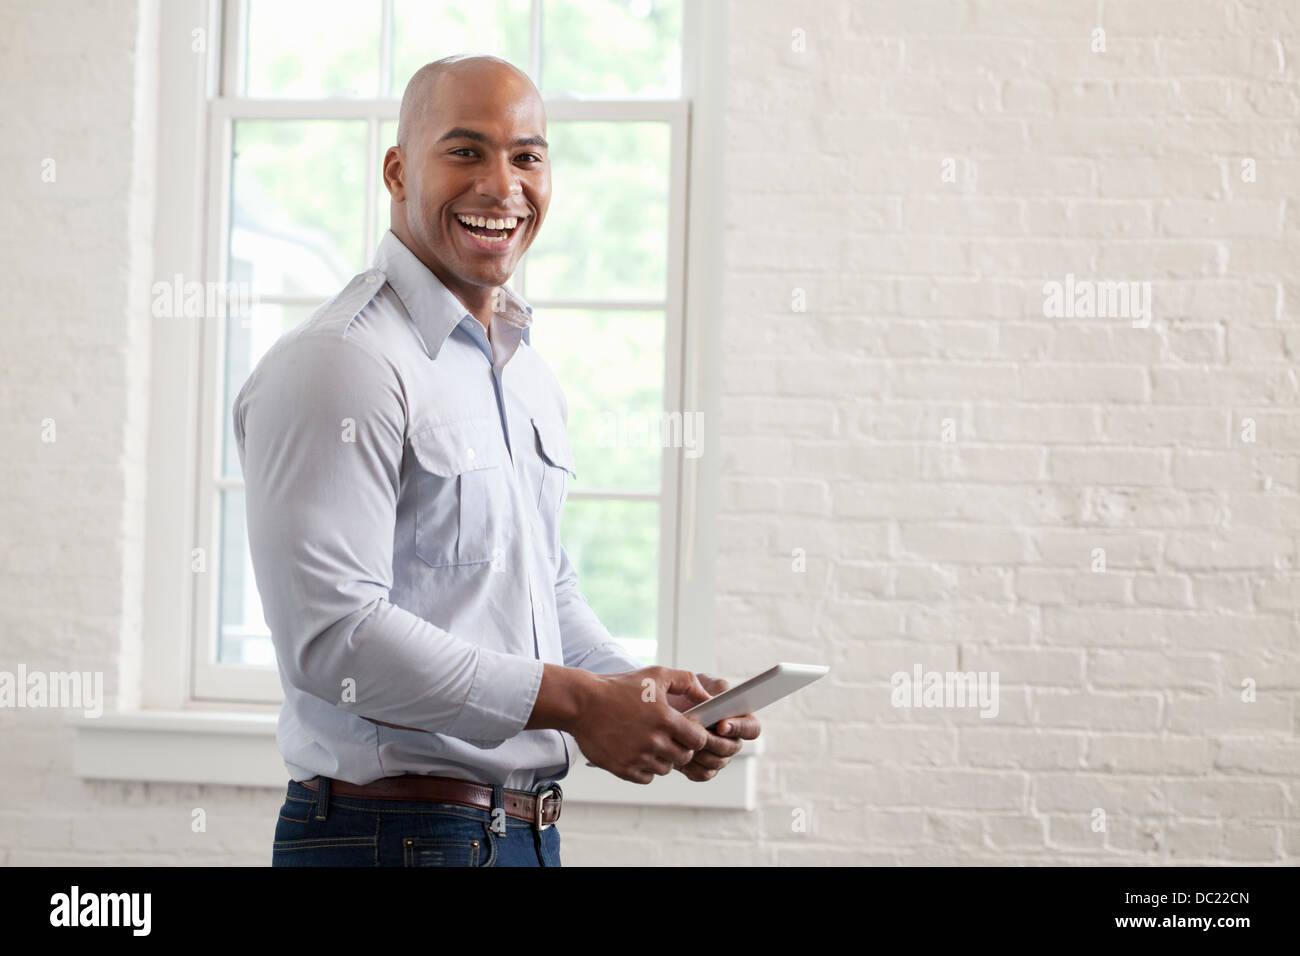 Metà adulto lavoratore di ufficio azienda digitale compressa e sorridente, ritratto Immagini Stock